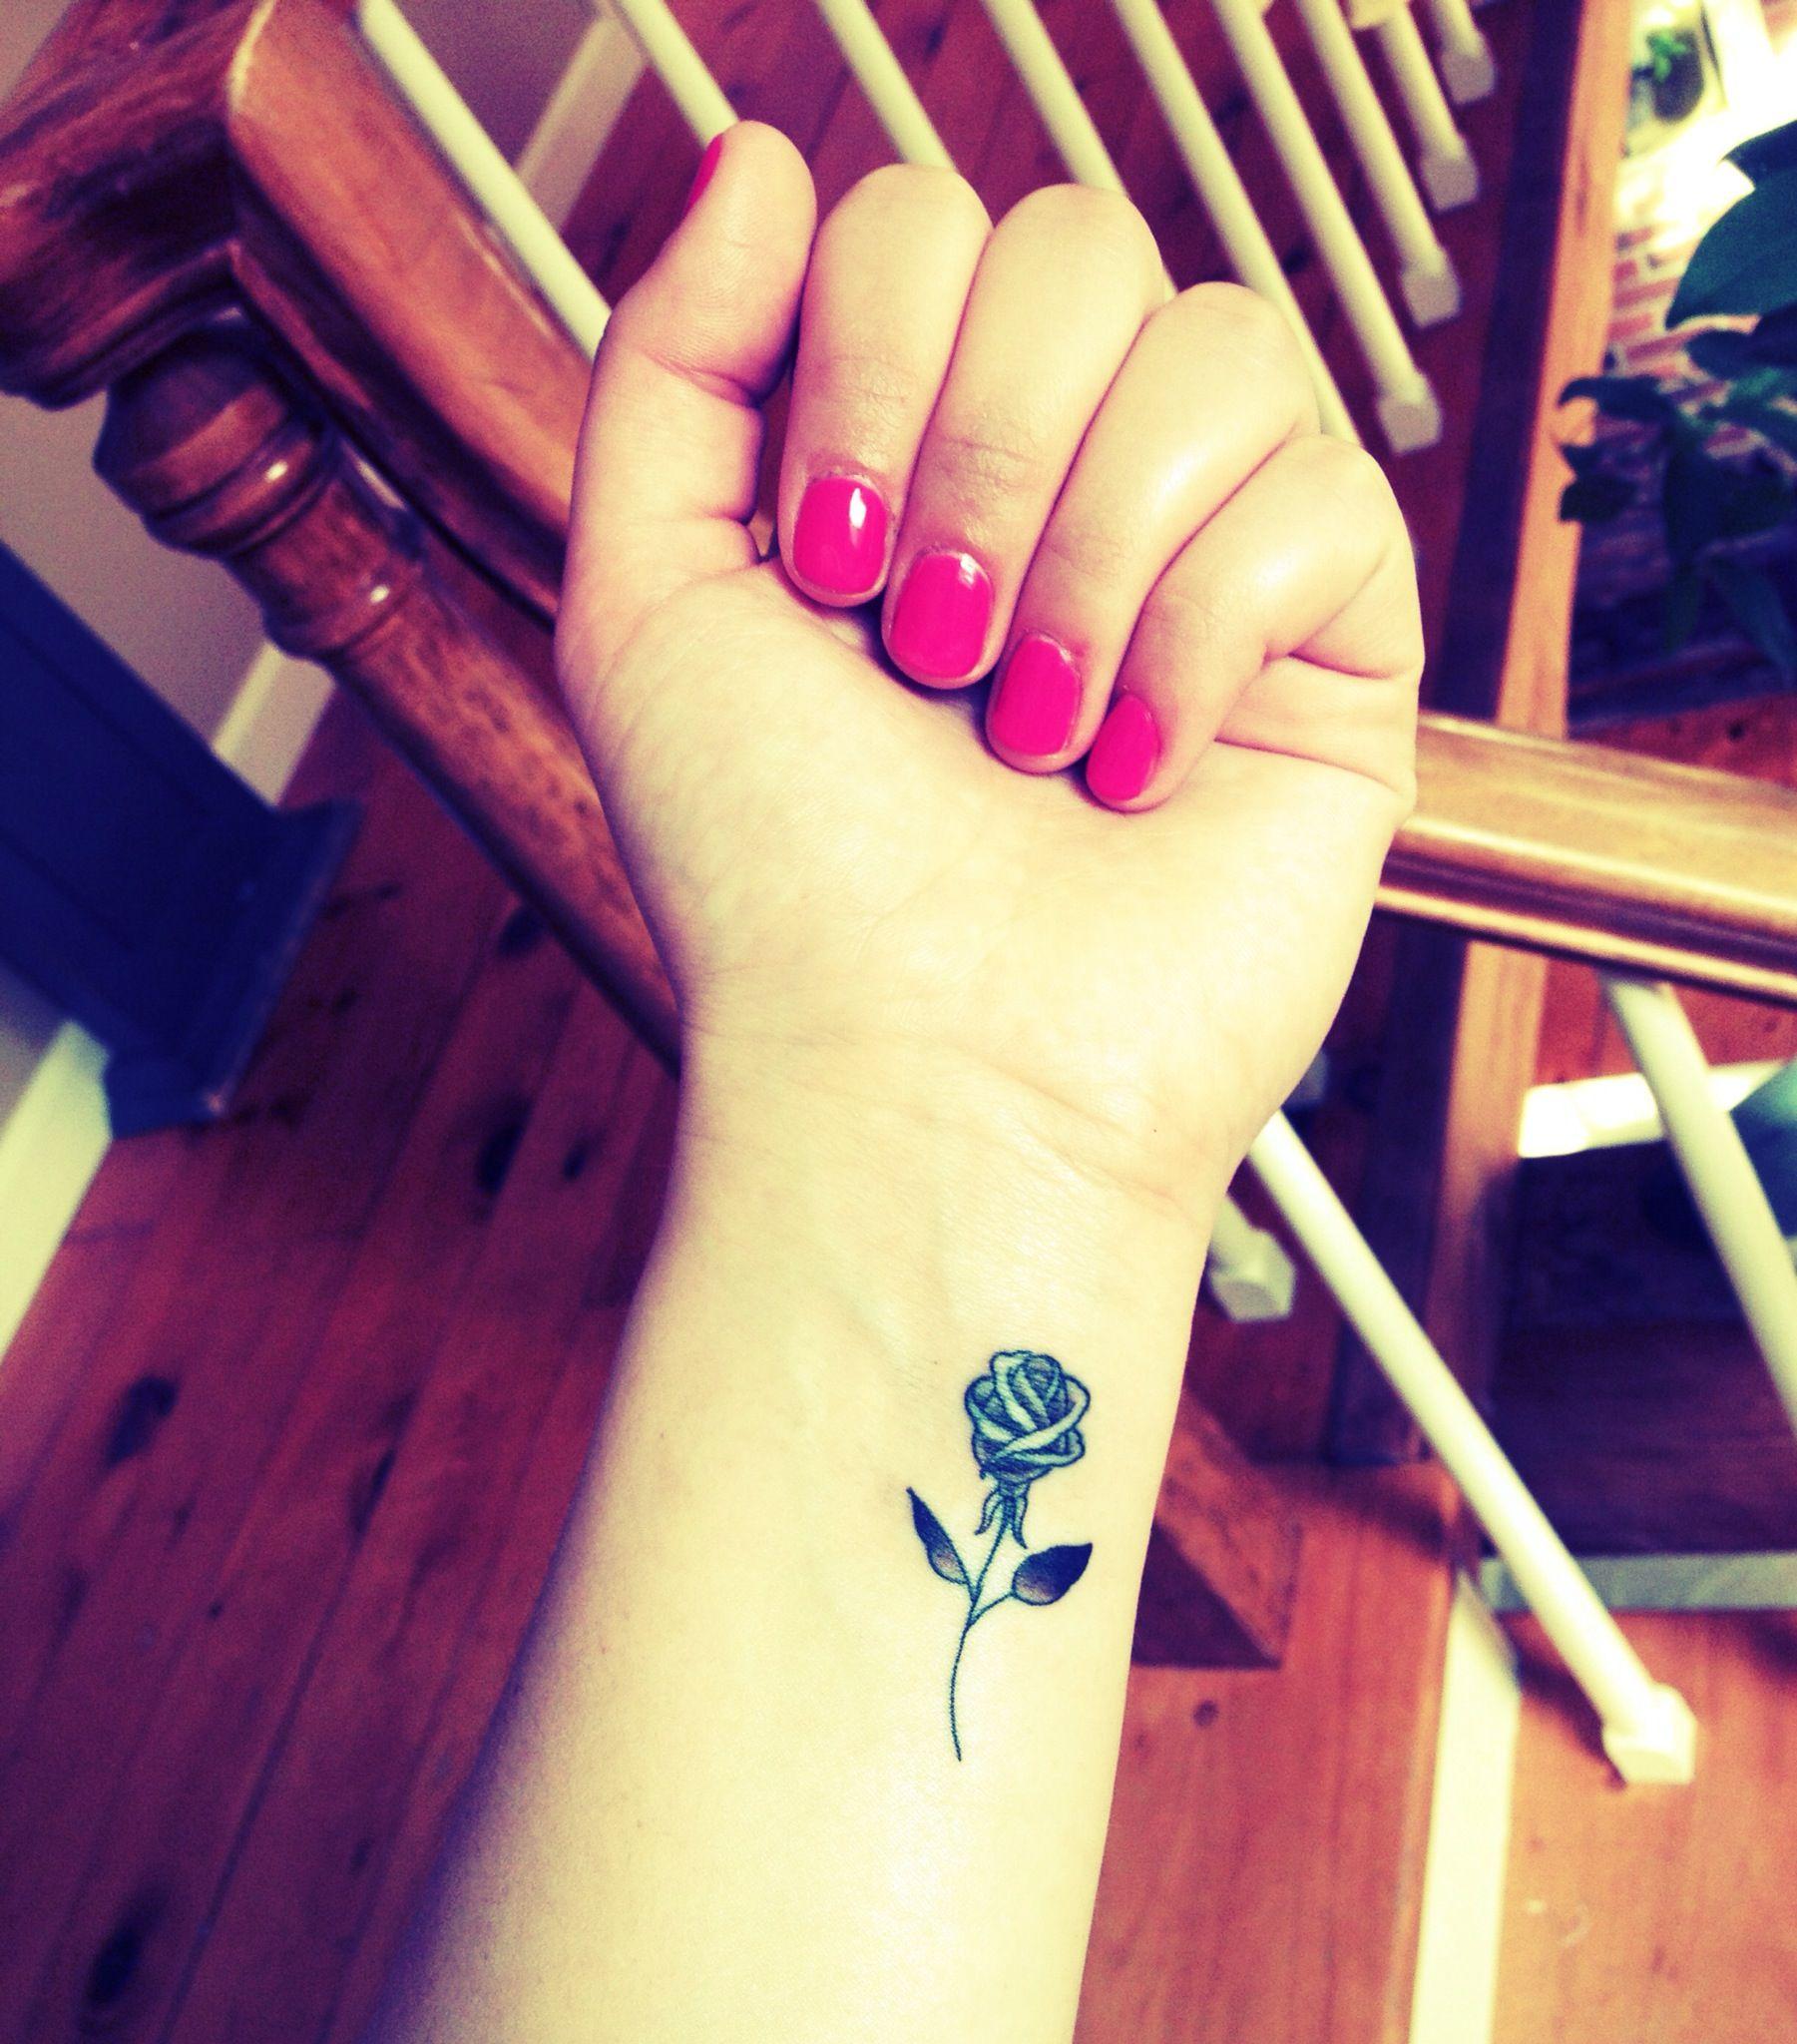 Rose Tattoo On Wrist: My Rose Tattoo! #rose #tattoo #wrist